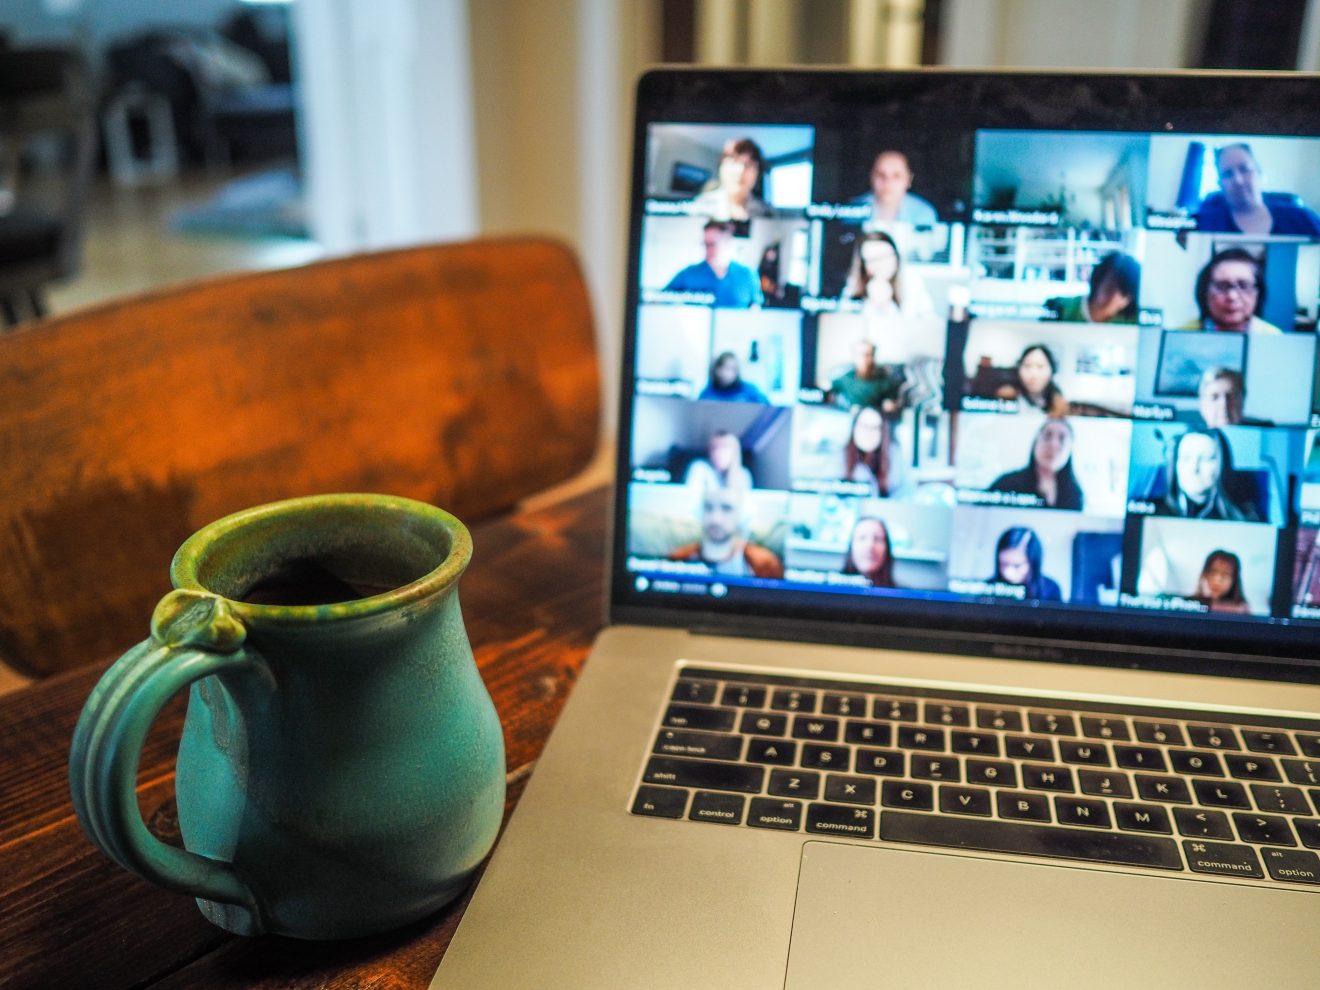 Partage de la Parole par vidéo-conférence